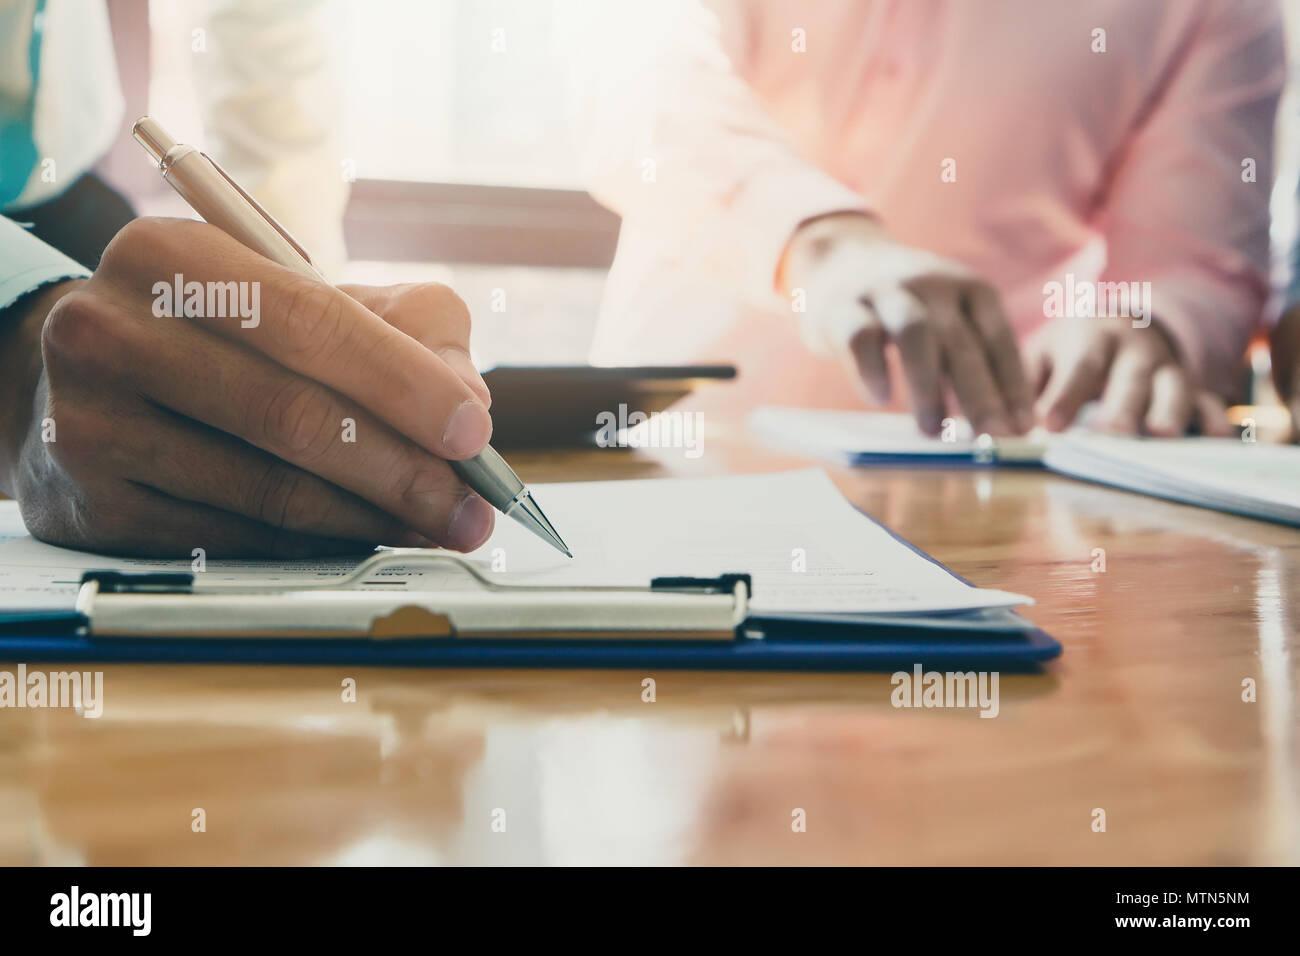 Unternehmer schriftlich oder verweist auf den Bericht. Business Strategie Konzept. Stockbild